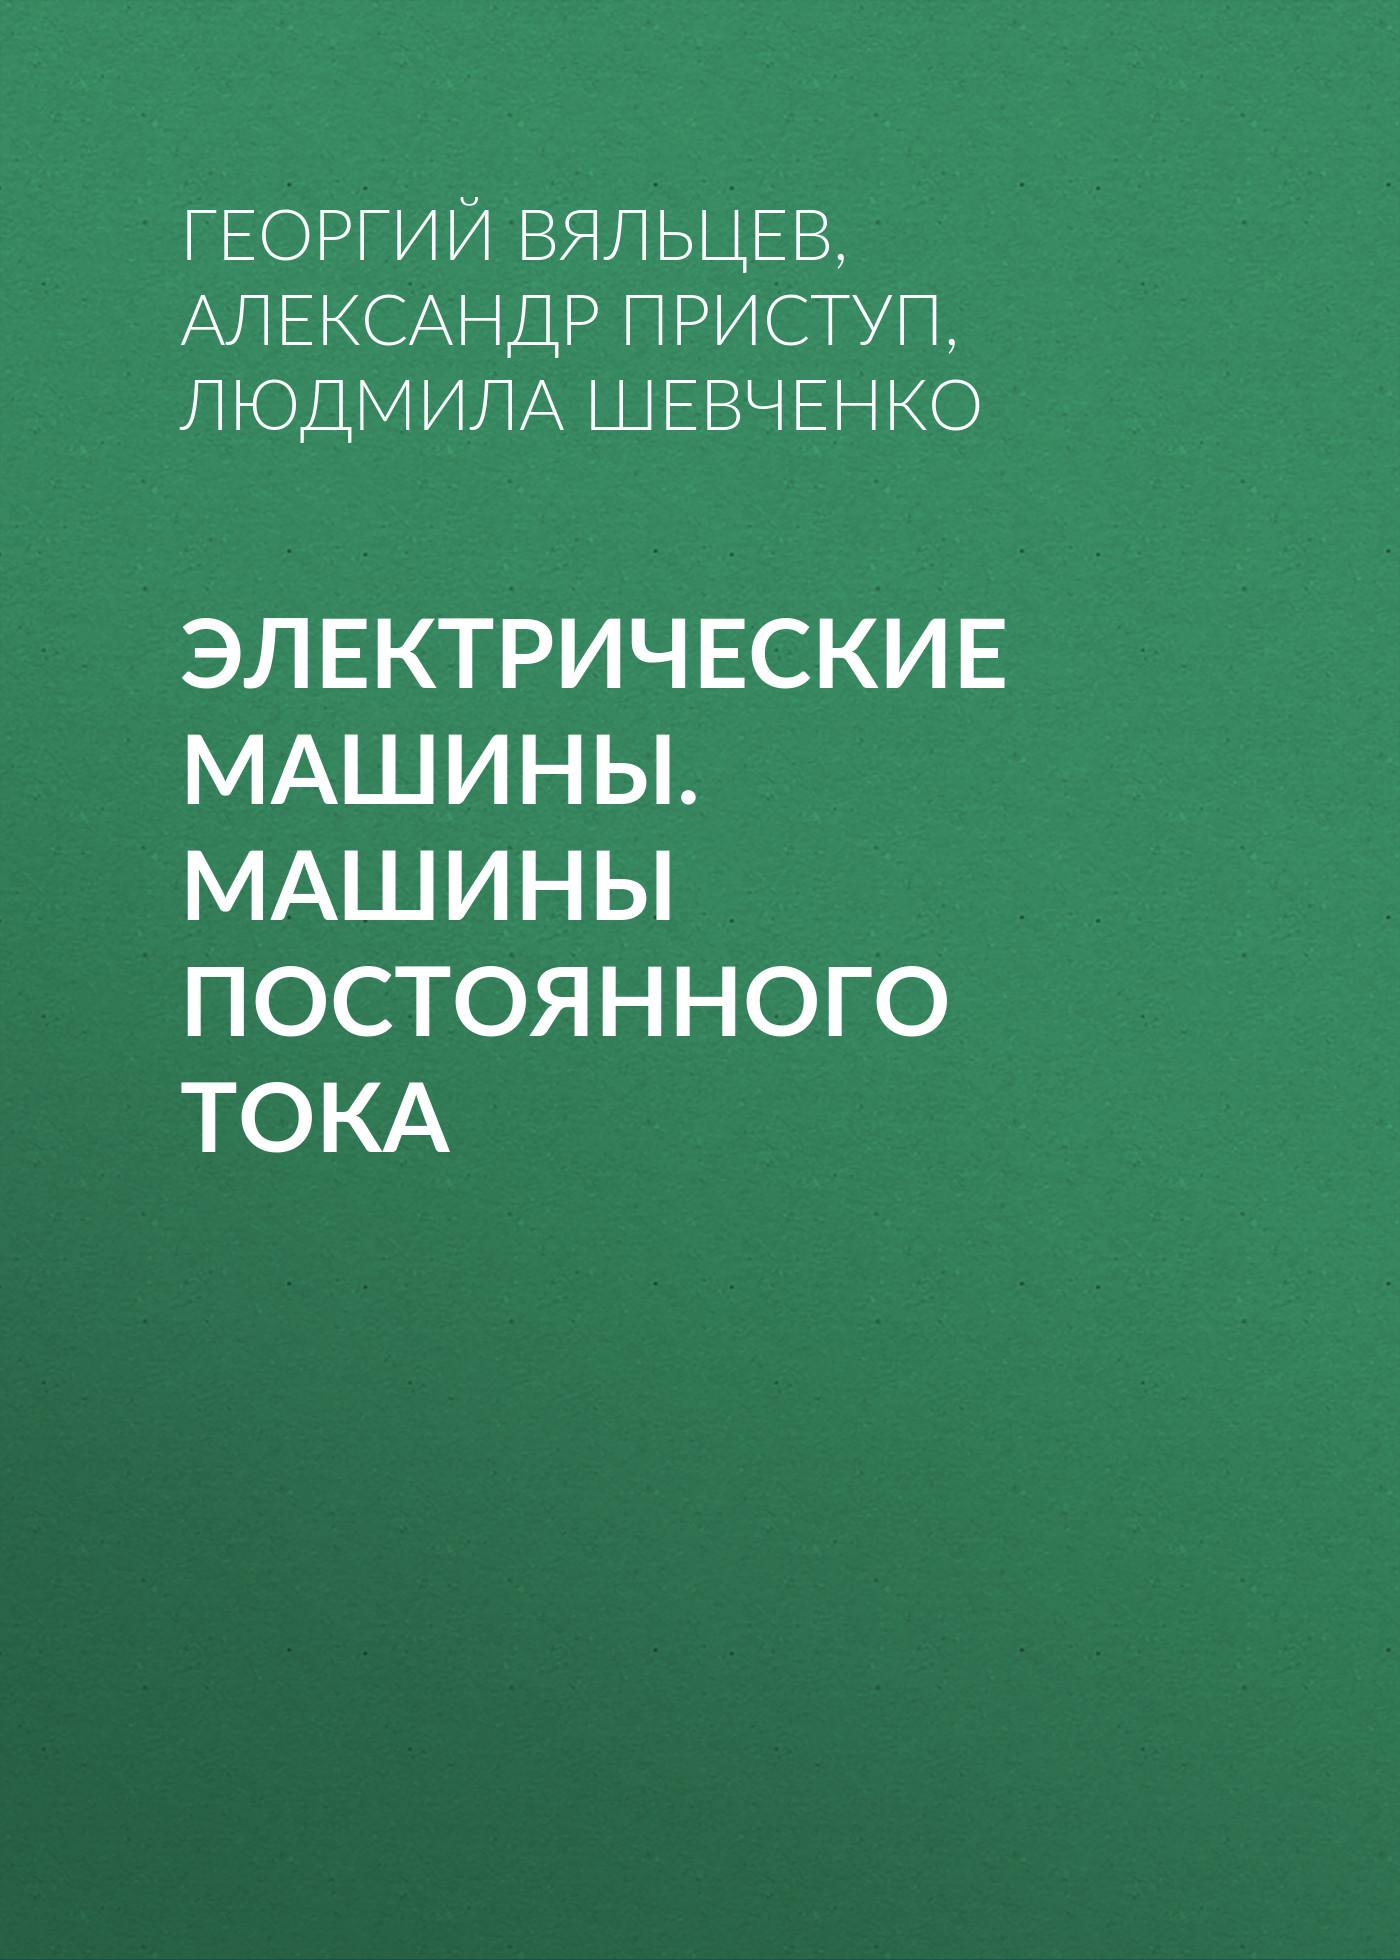 Александр Приступ Электрические машины. Машины постоянного тока вязальные машины в череповце